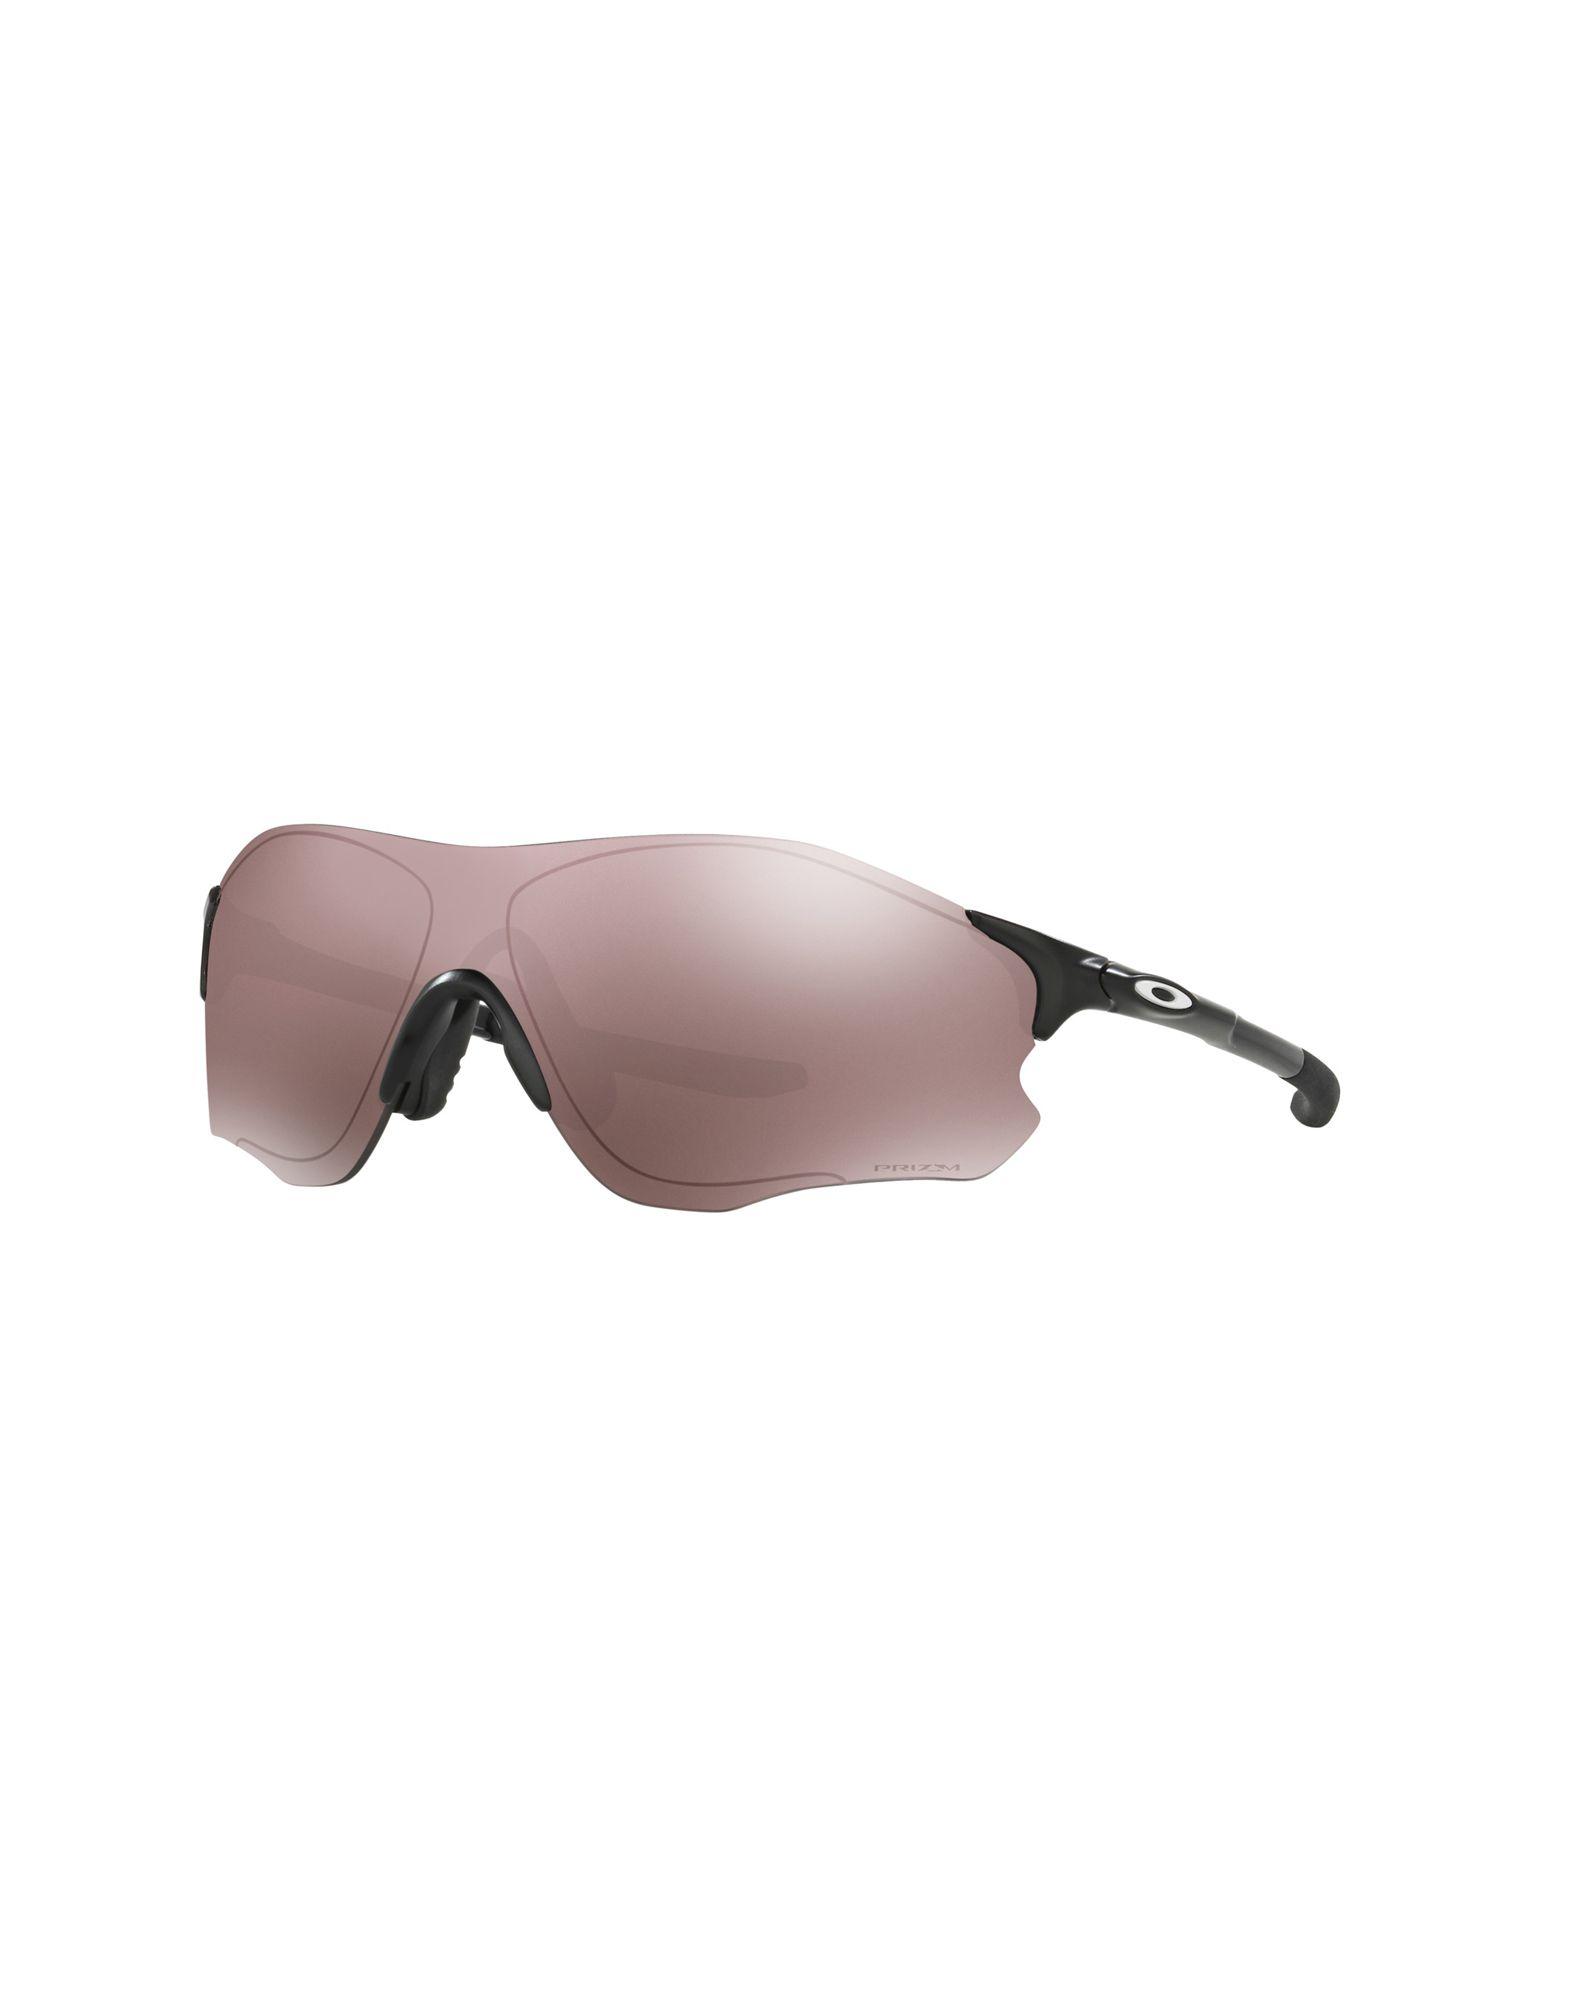 OAKLEY Солнечные очки очки велосипедные kellys glance оправа чёрный глянец линзы дымчатые поляризационные